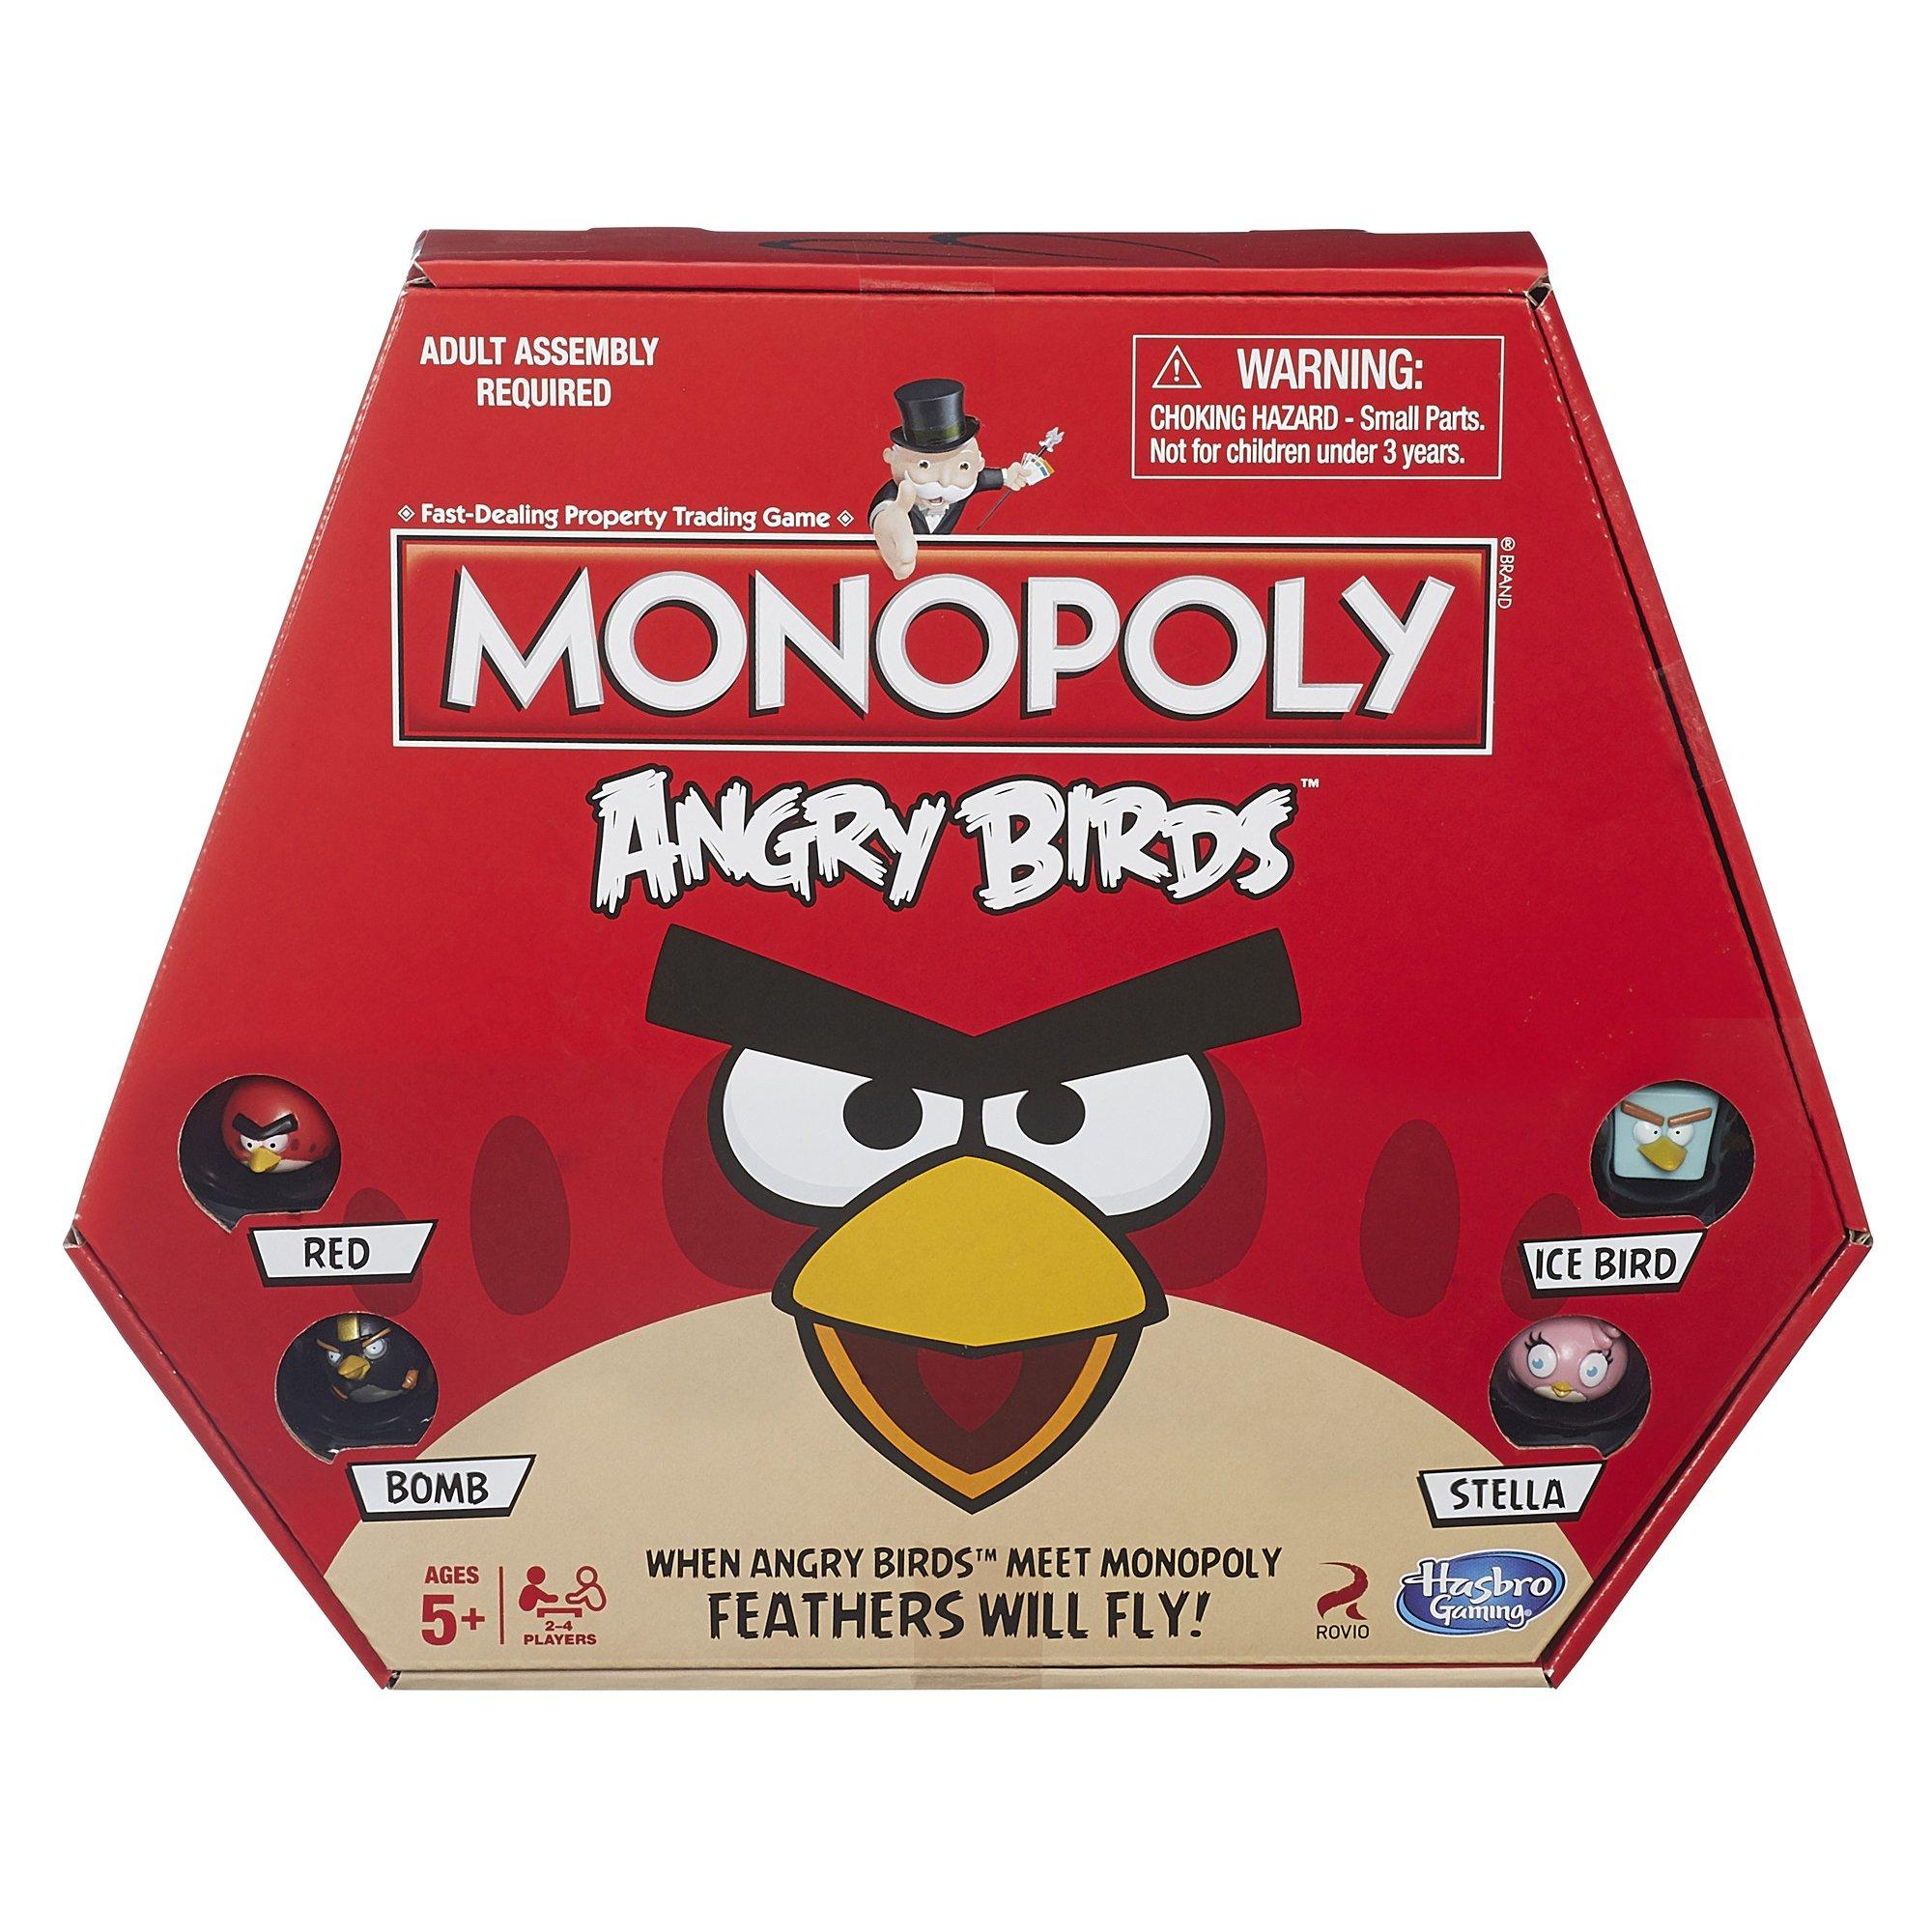 Mua Monopoly Angry Birds Game trên Amazon Mỹ chính hãng 2021